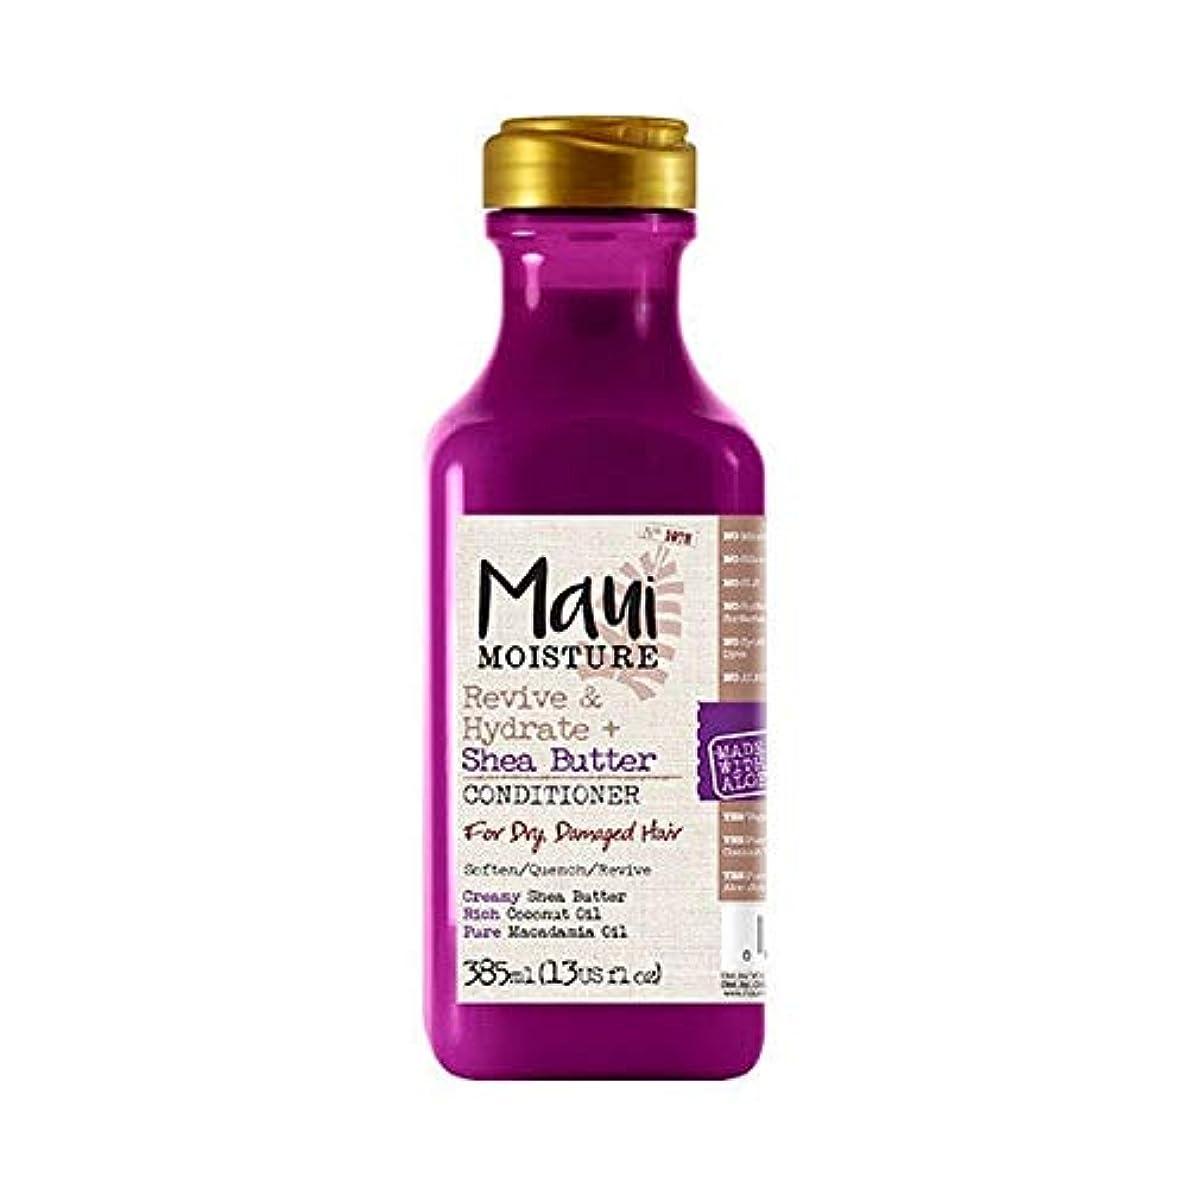 実質的にミュウミュウ樫の木[Maui Moisture ] マウイ水分がシアバターコンディショナーを復活&ハイドレート - Maui Moisture Revive & Hydrate Shea Butter Conditioner [並行輸入品]